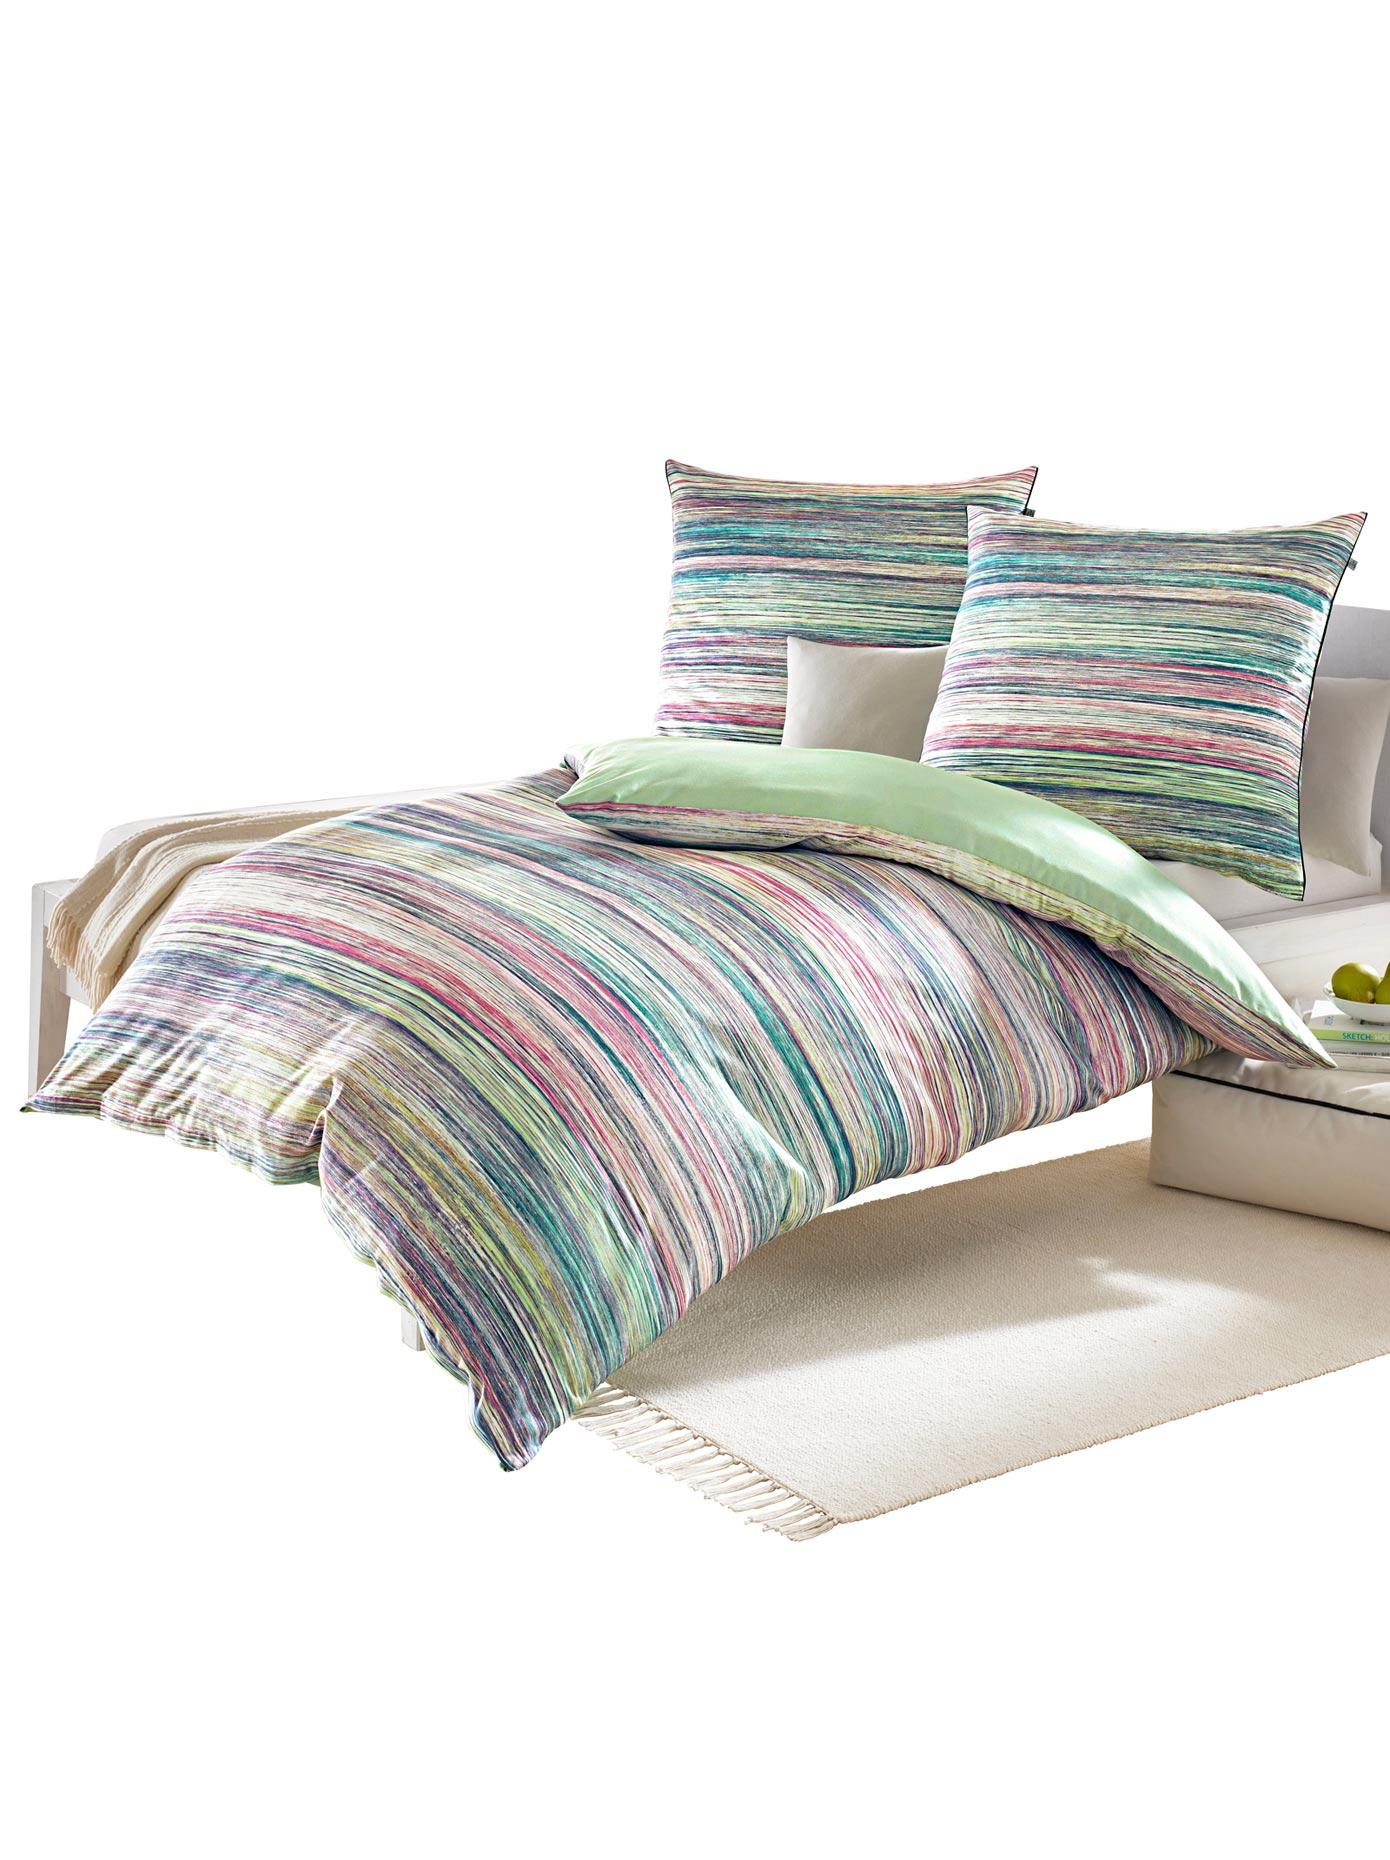 Irisette Bettwäsche grün Mako-Satin-Bettwäsche nach Material Bettwäsche, Bettlaken und Betttücher